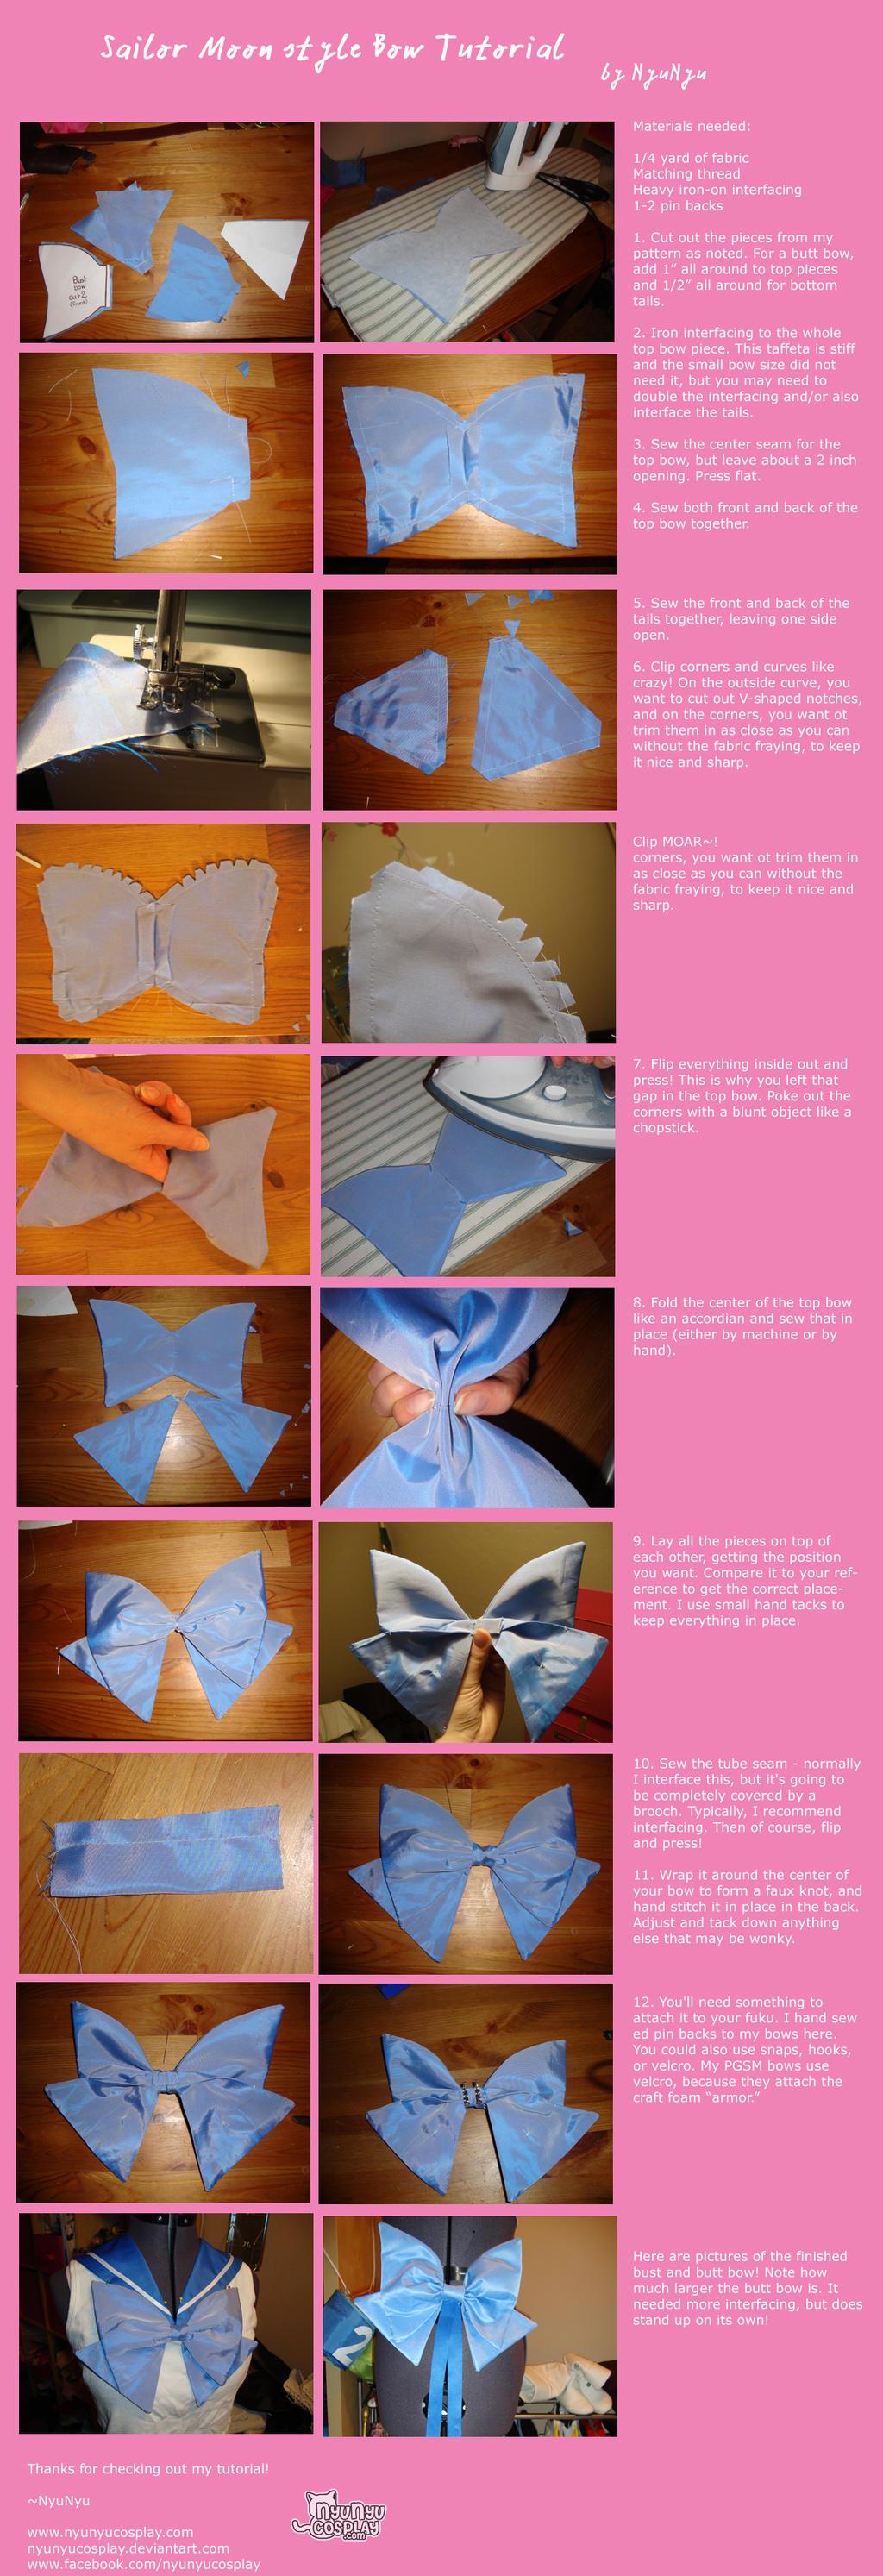 Sailor Moon style bow tutorial